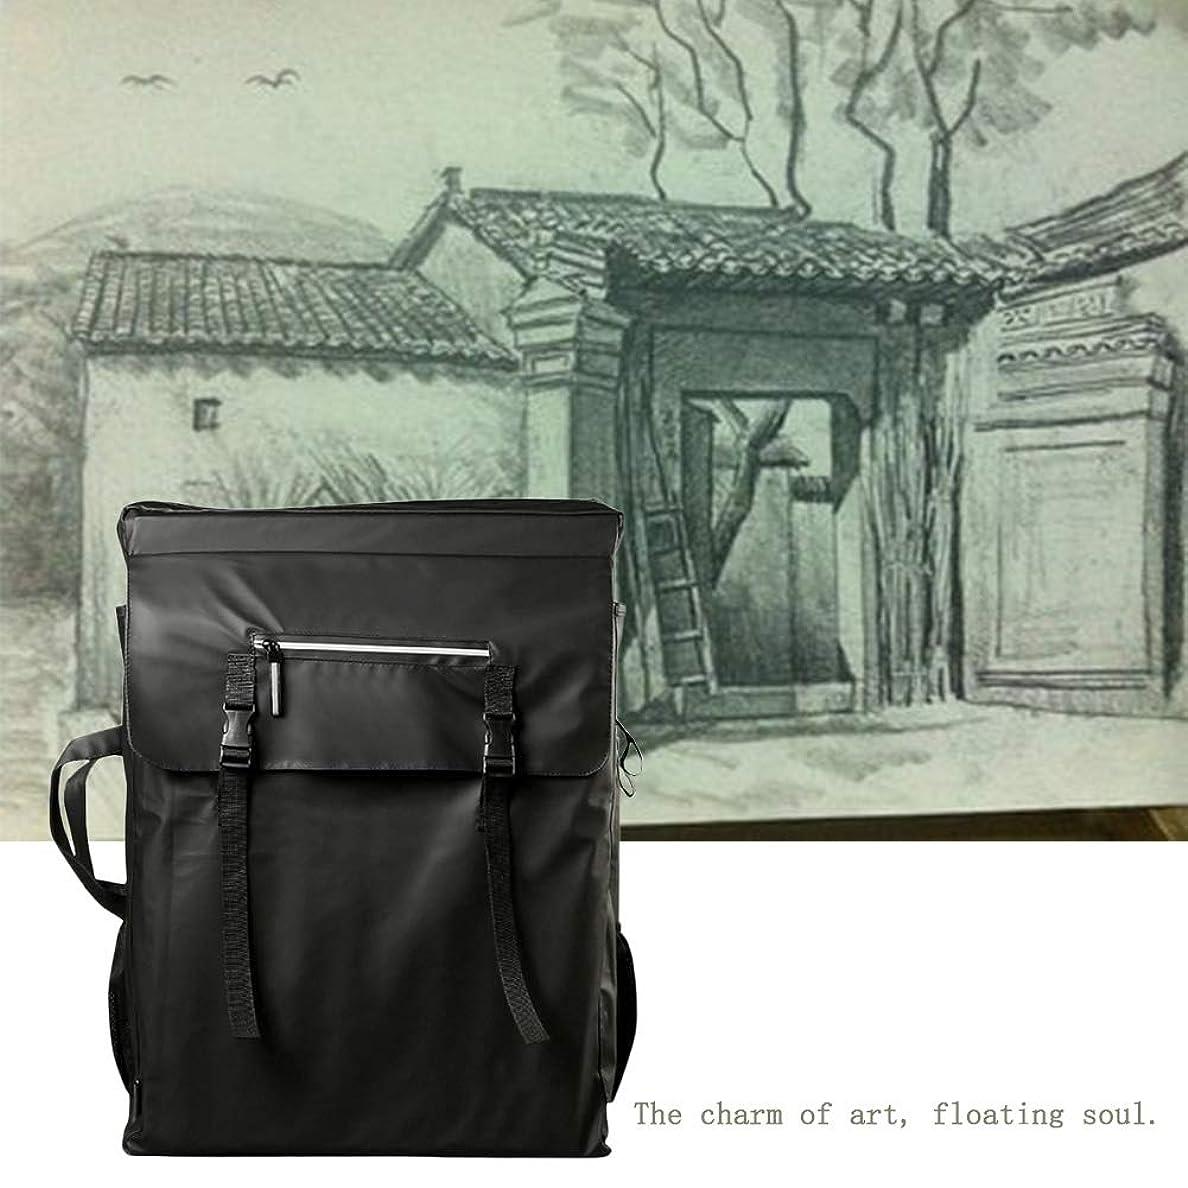 アシスト退屈なリングレットアートポートフォリオのケース防水アートバックパックスケッチブックスケッチパッド収納袋製図板のキャリーバッグ SHANCL (Color : Black)